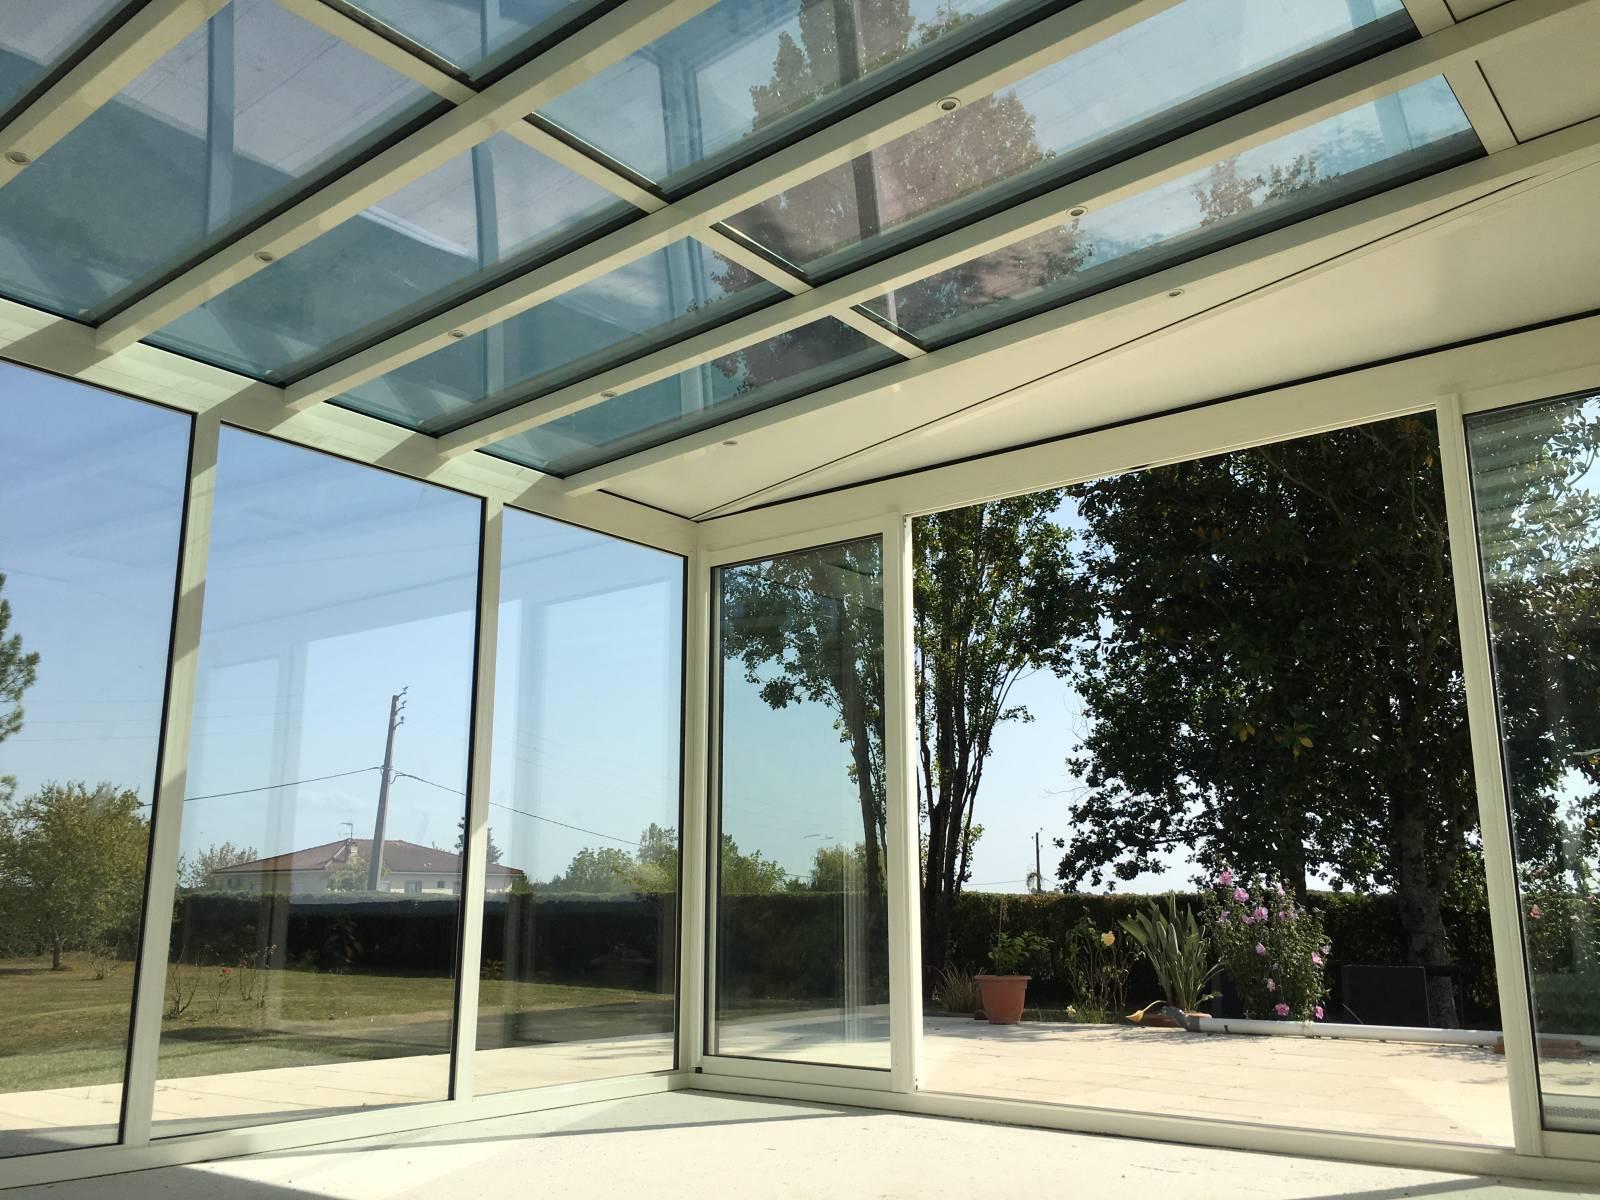 Vente et pose d'une véranda avec spots intégrés à Mazères près de Langon 33210 - Vente et pose ...